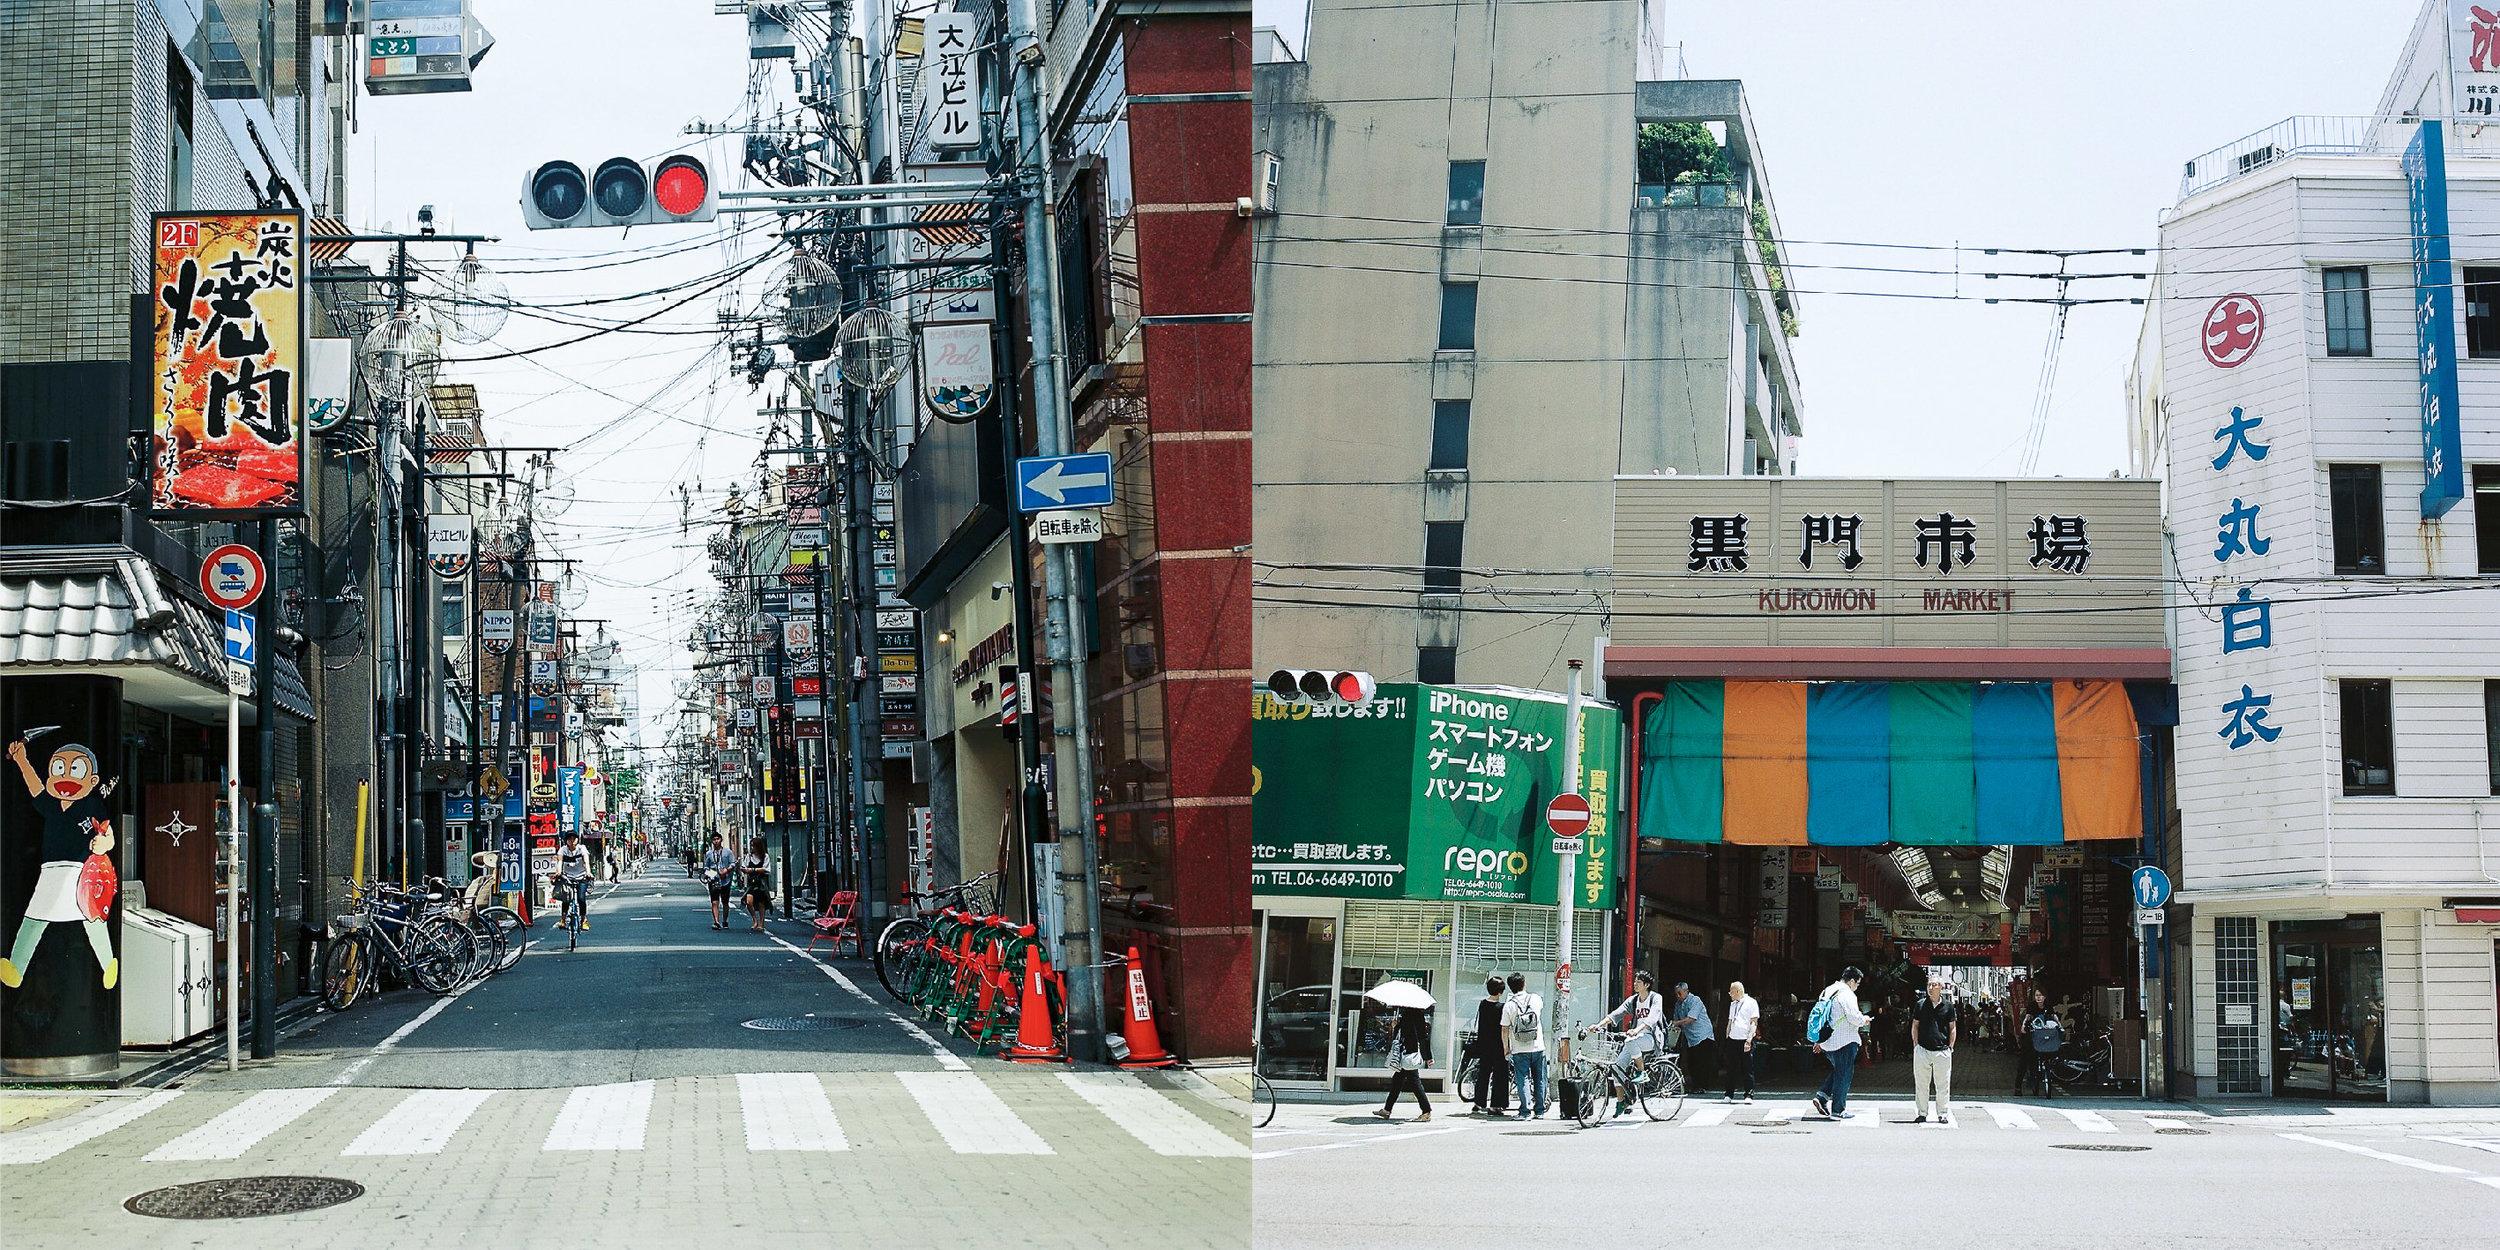 Japan_layout-51.jpg